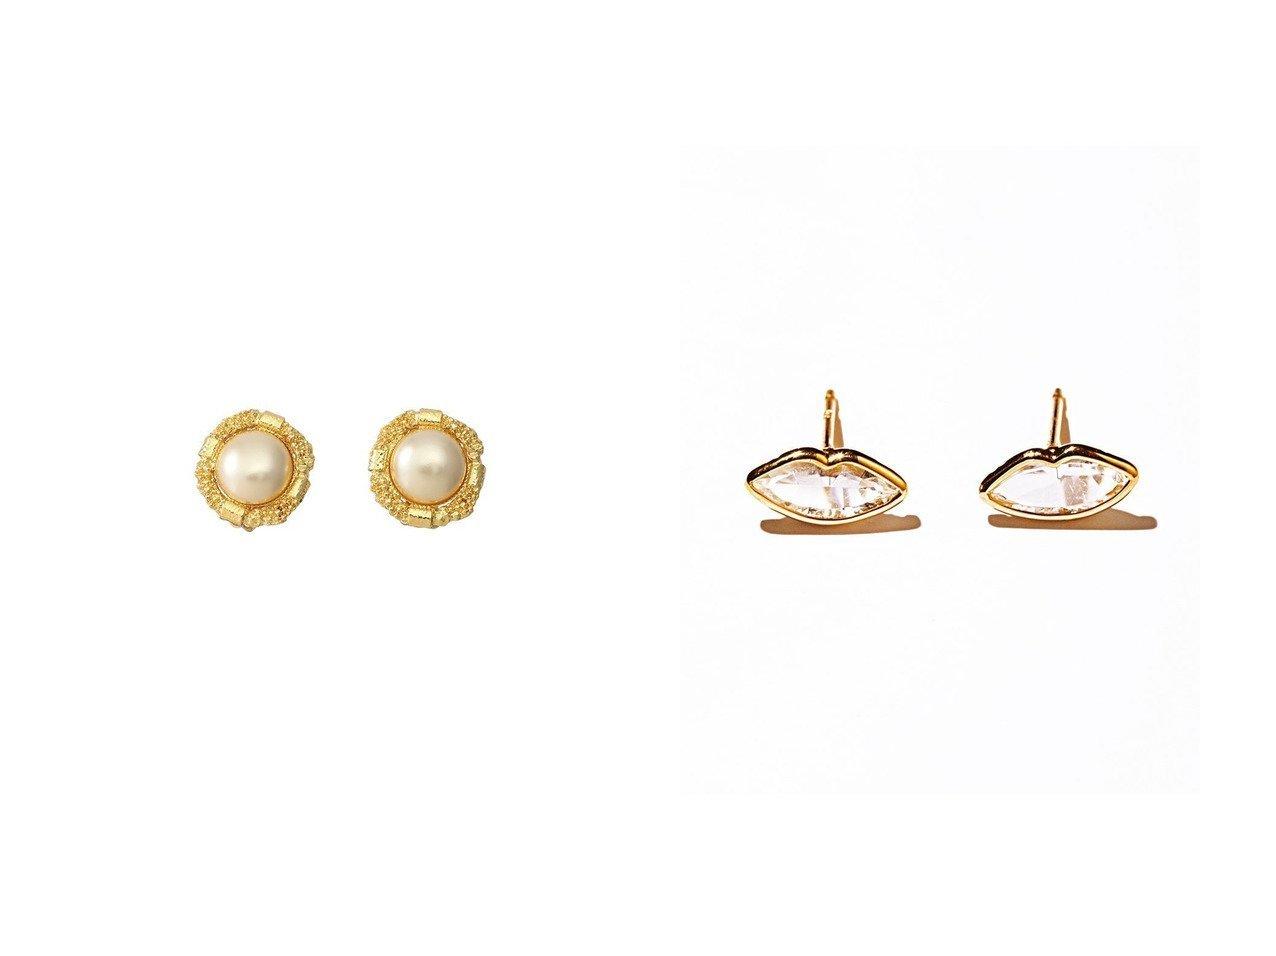 【les bonbon/ルボンボン】のpetite lip イエローゴールドピアス&【CECILE ET JEANNE/セシル エ ジャンヌ】のパールイヤリング アクセサリー・ジュエリーのおすすめ!人気、レディースファッションの通販  おすすめで人気のファッション通販商品 インテリア・家具・キッズファッション・メンズファッション・レディースファッション・服の通販 founy(ファニー) https://founy.com/ ファッション Fashion レディース WOMEN ジュエリー Jewelry リング Rings イヤリング Earrings イヤリング ジュエリー パール イエロー コレクション フェミニン フォルム モチーフ リップ |ID:crp329100000003796